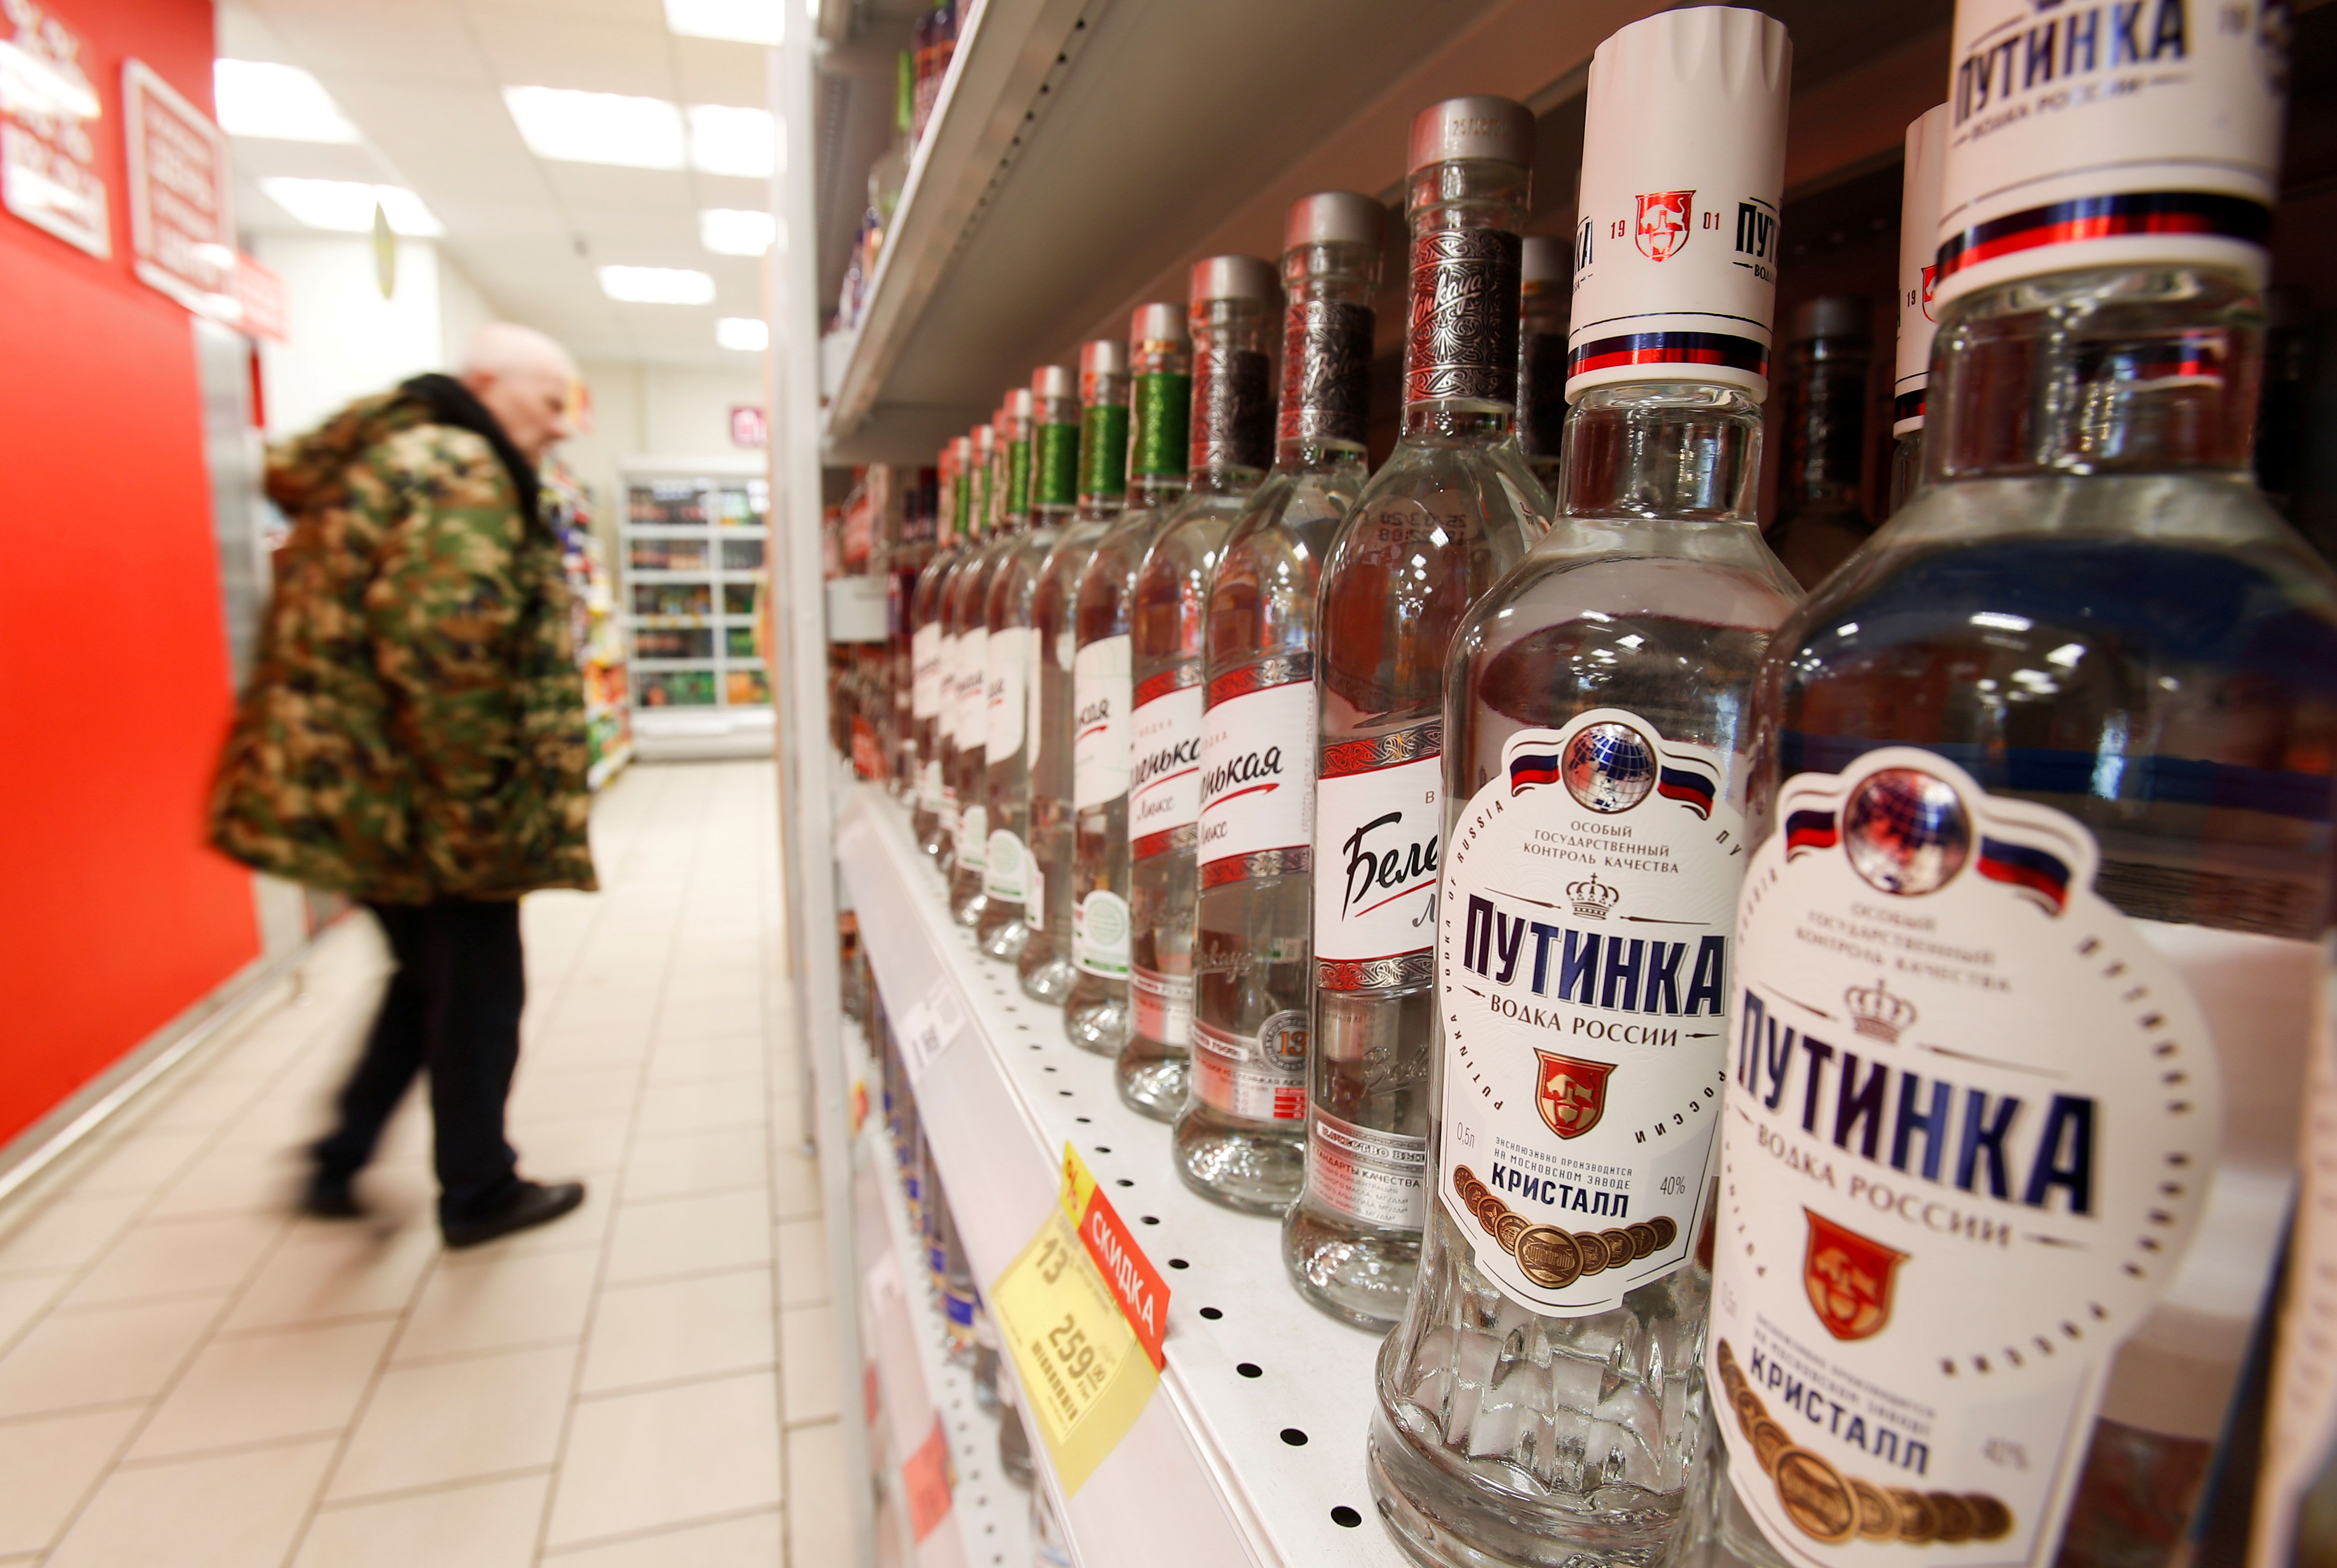 La viceprimera ministra de la Federación Rusa Tatiana Golikova recomendó bajar el consumo tanto de bebidas alcohólicas como de fármacos dentro de los primeros 42 días después del primer pinchazo (REUTERS/Maxim Shemetov/File Photo)